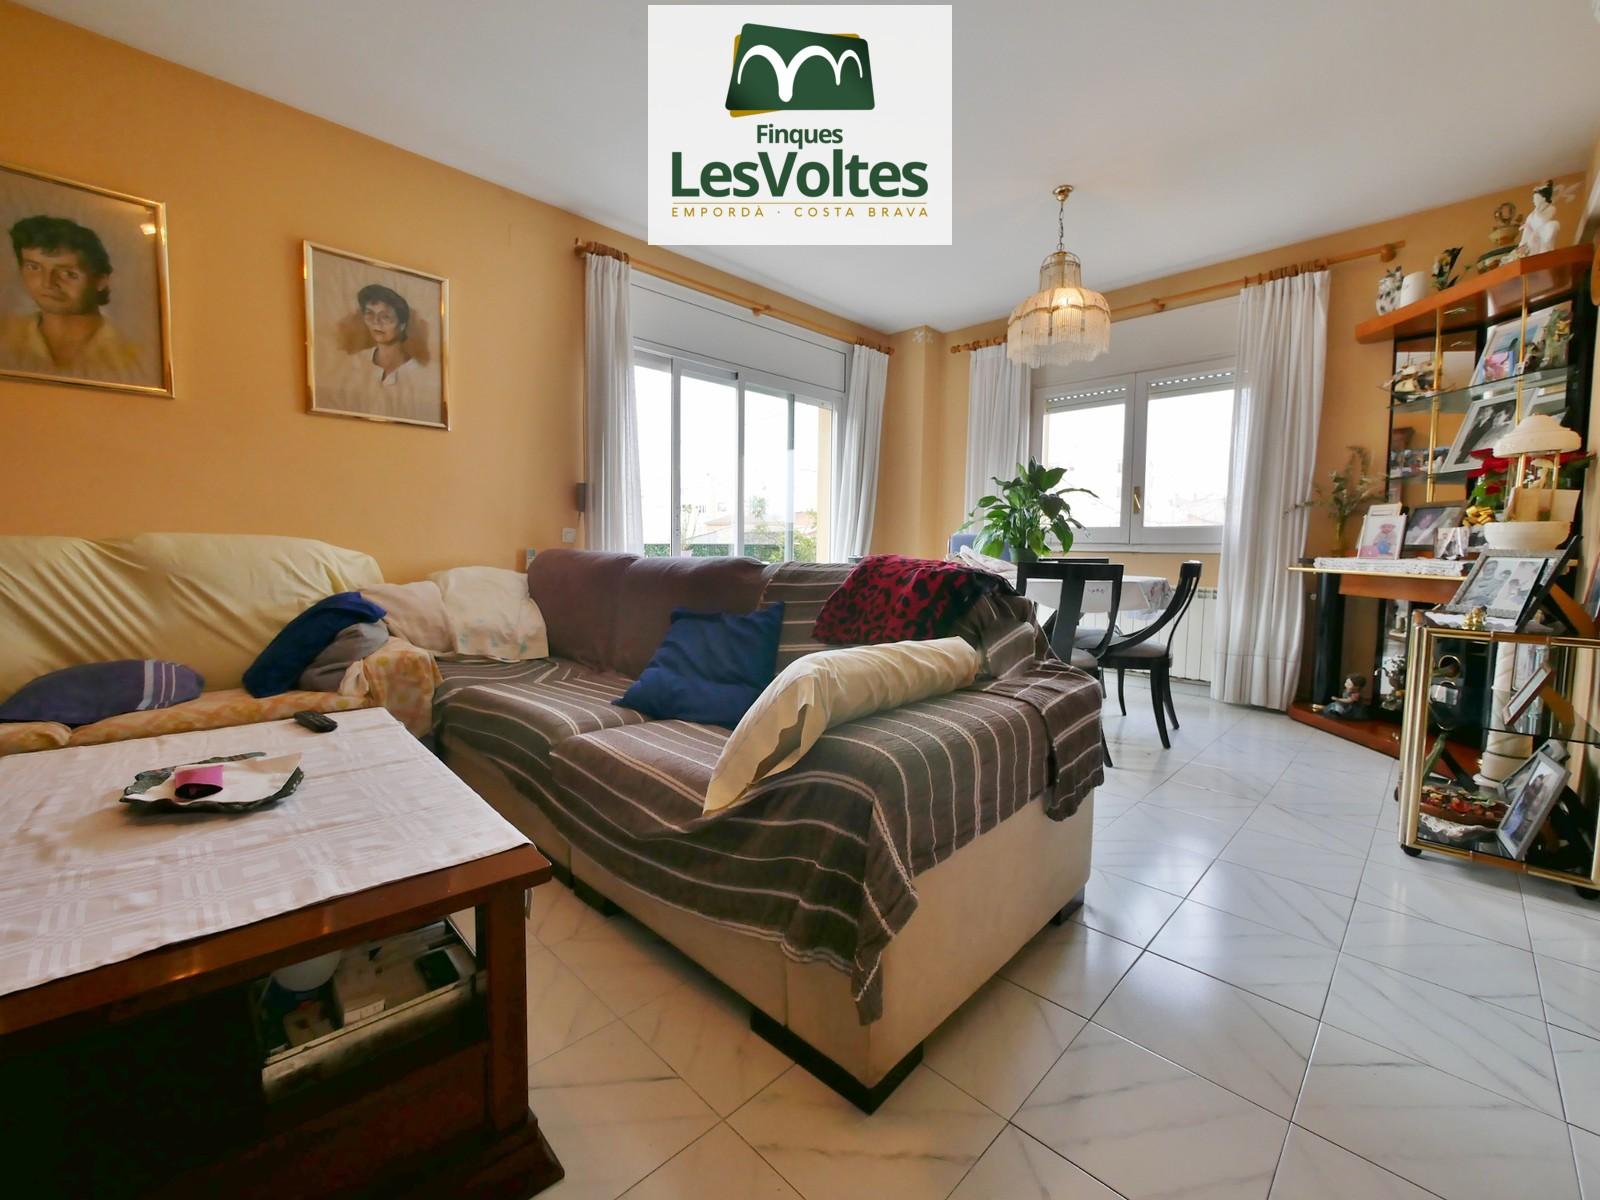 Casa amb terrassa interior en venda a Palafrugell. Planta baixa amb negoci dedicat a l'hostaleria.